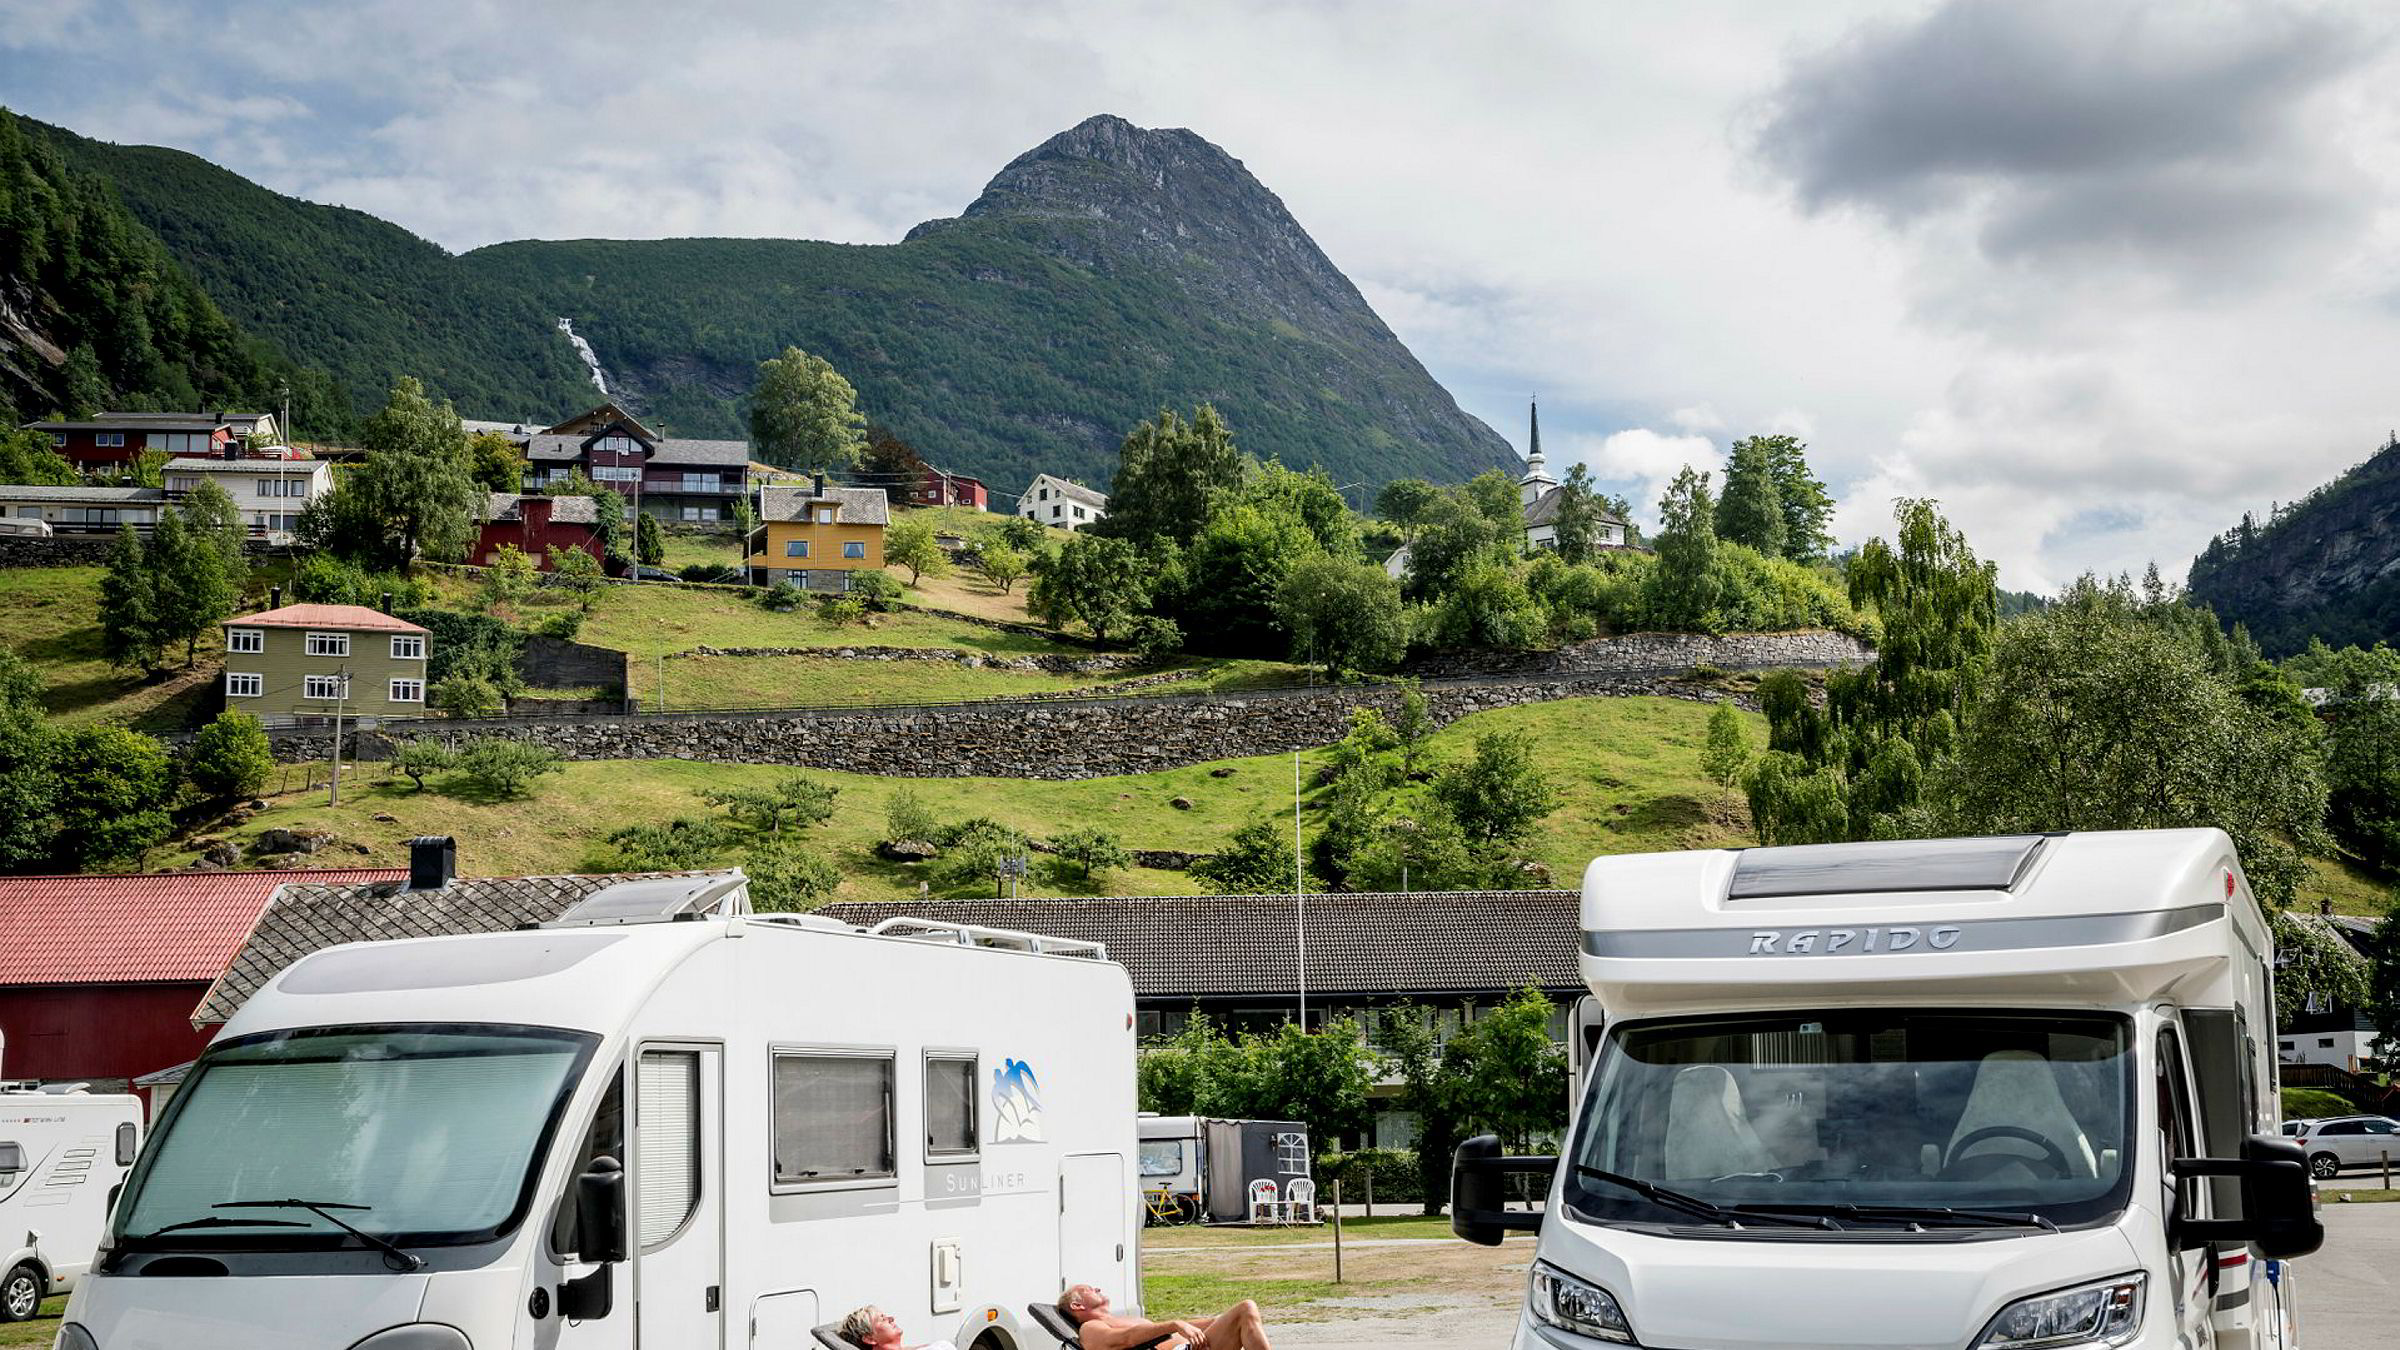 Tyske turister ferierer normalt i Norge i 15 dager i strekk og kjører ofte egen bil eller bobil. Her bilde av bobilturister i Geiranger.